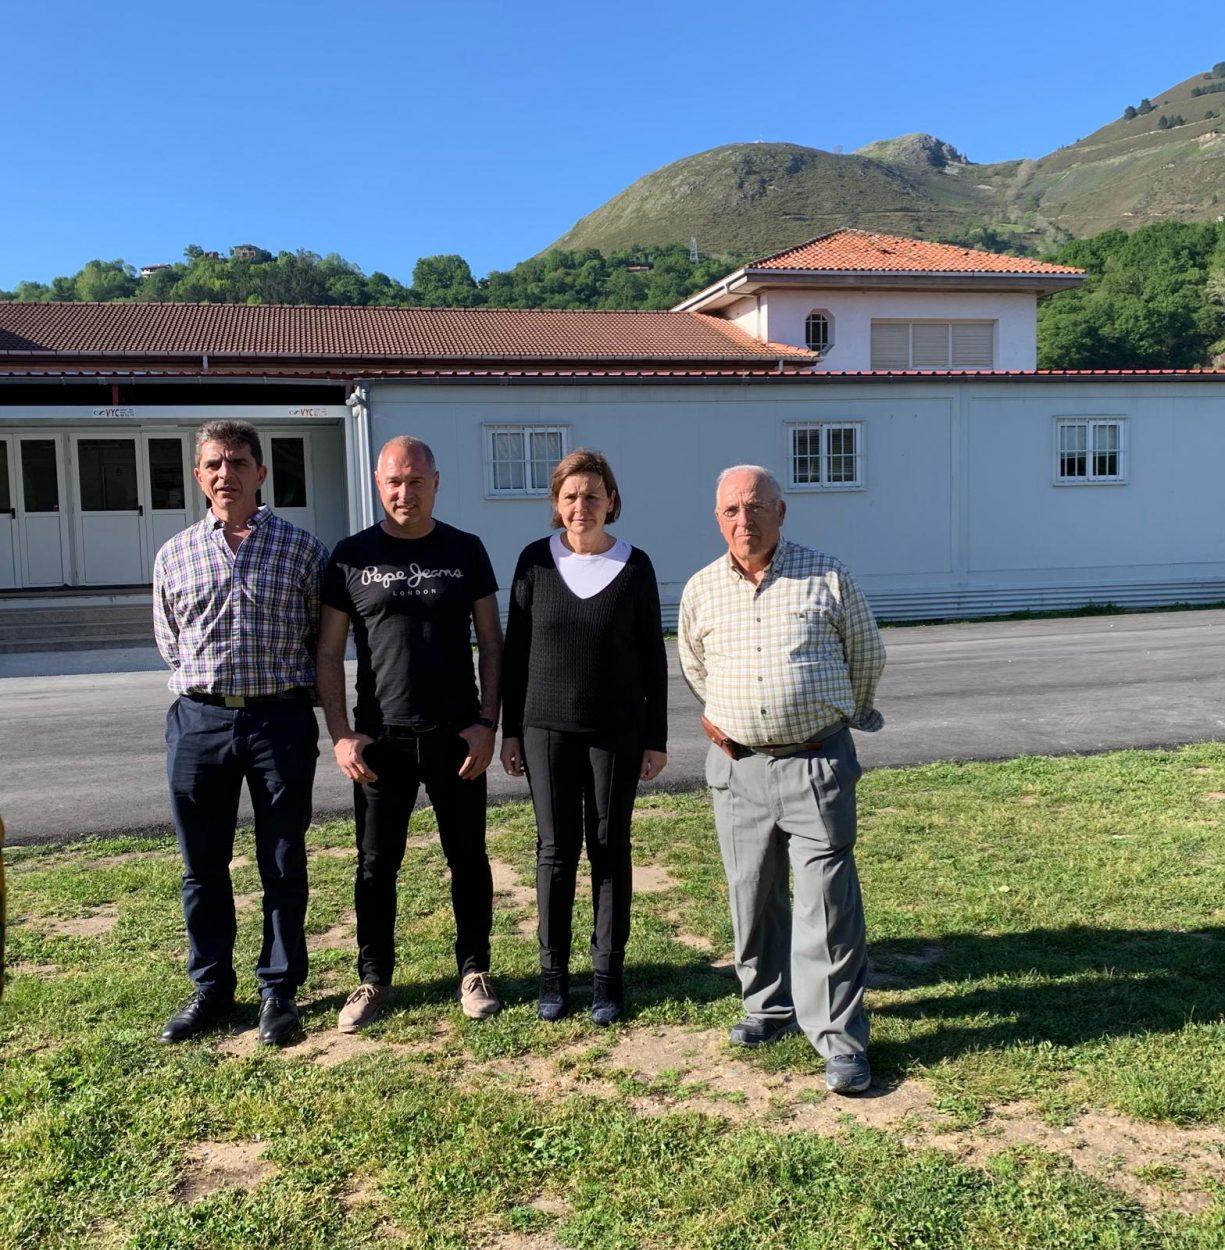 Pelayo Martínez propone condiciones dignas en lugar de goteras y barracones para los centros educativos de la comarca